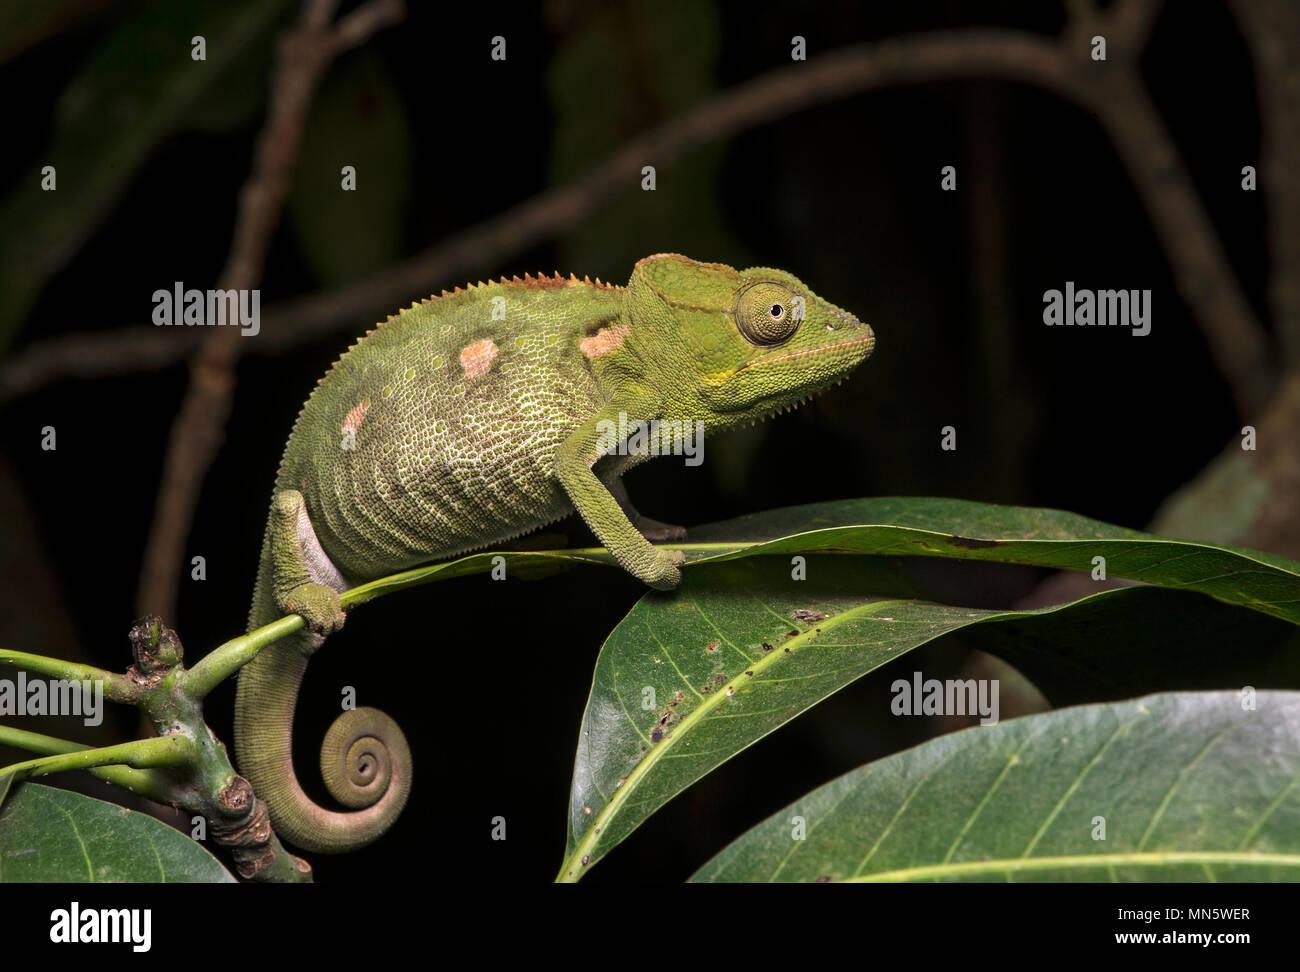 Chameleon Furcifer oustaleti, (Chameleonidae), Antananarivo, Madagascar - Stock Image